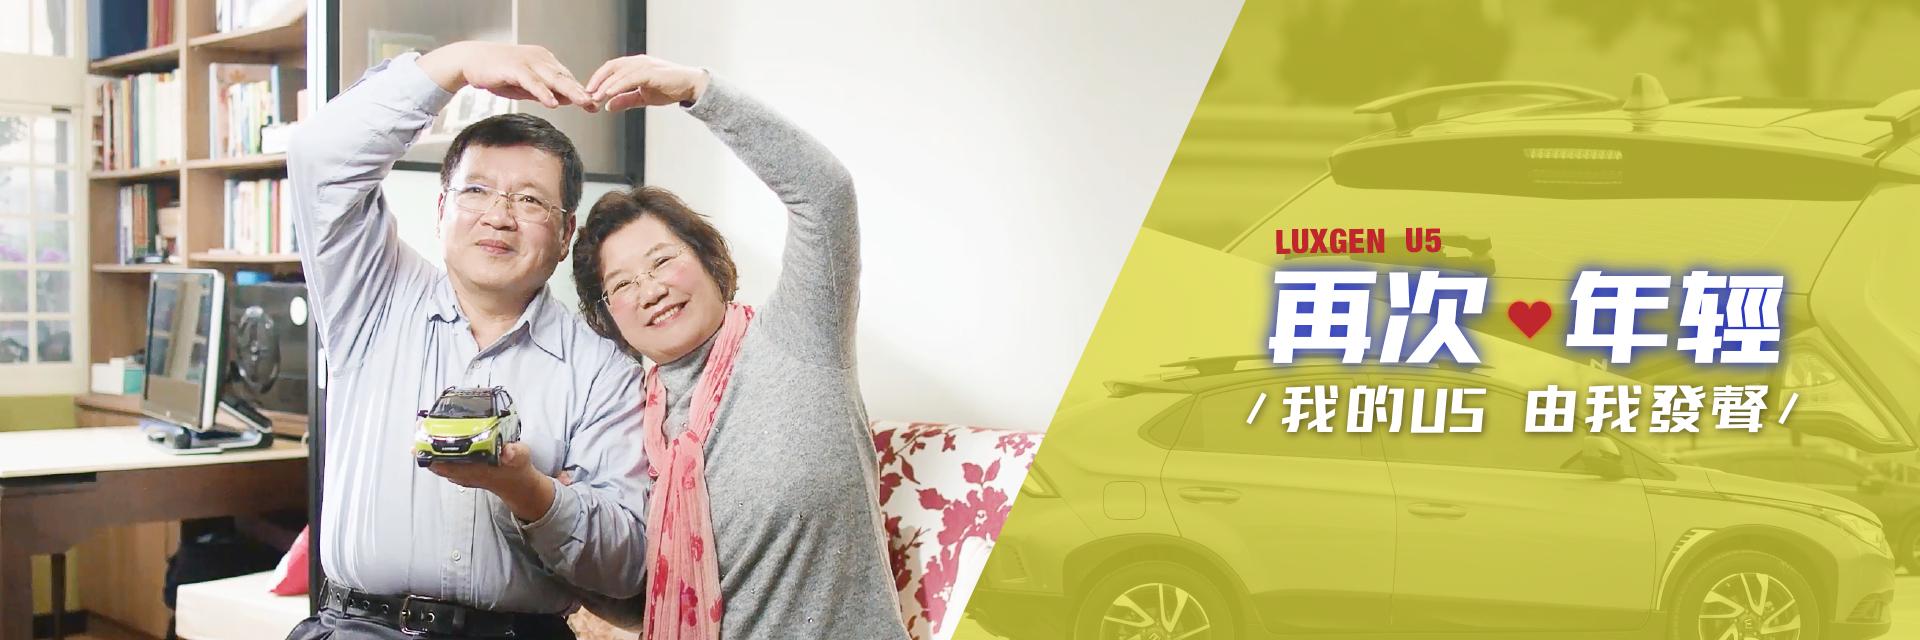 真正的「探險活寶」在此!年過50的超恩愛夫妻檔,看他們維繫熱情、帶著愛車去冒險!